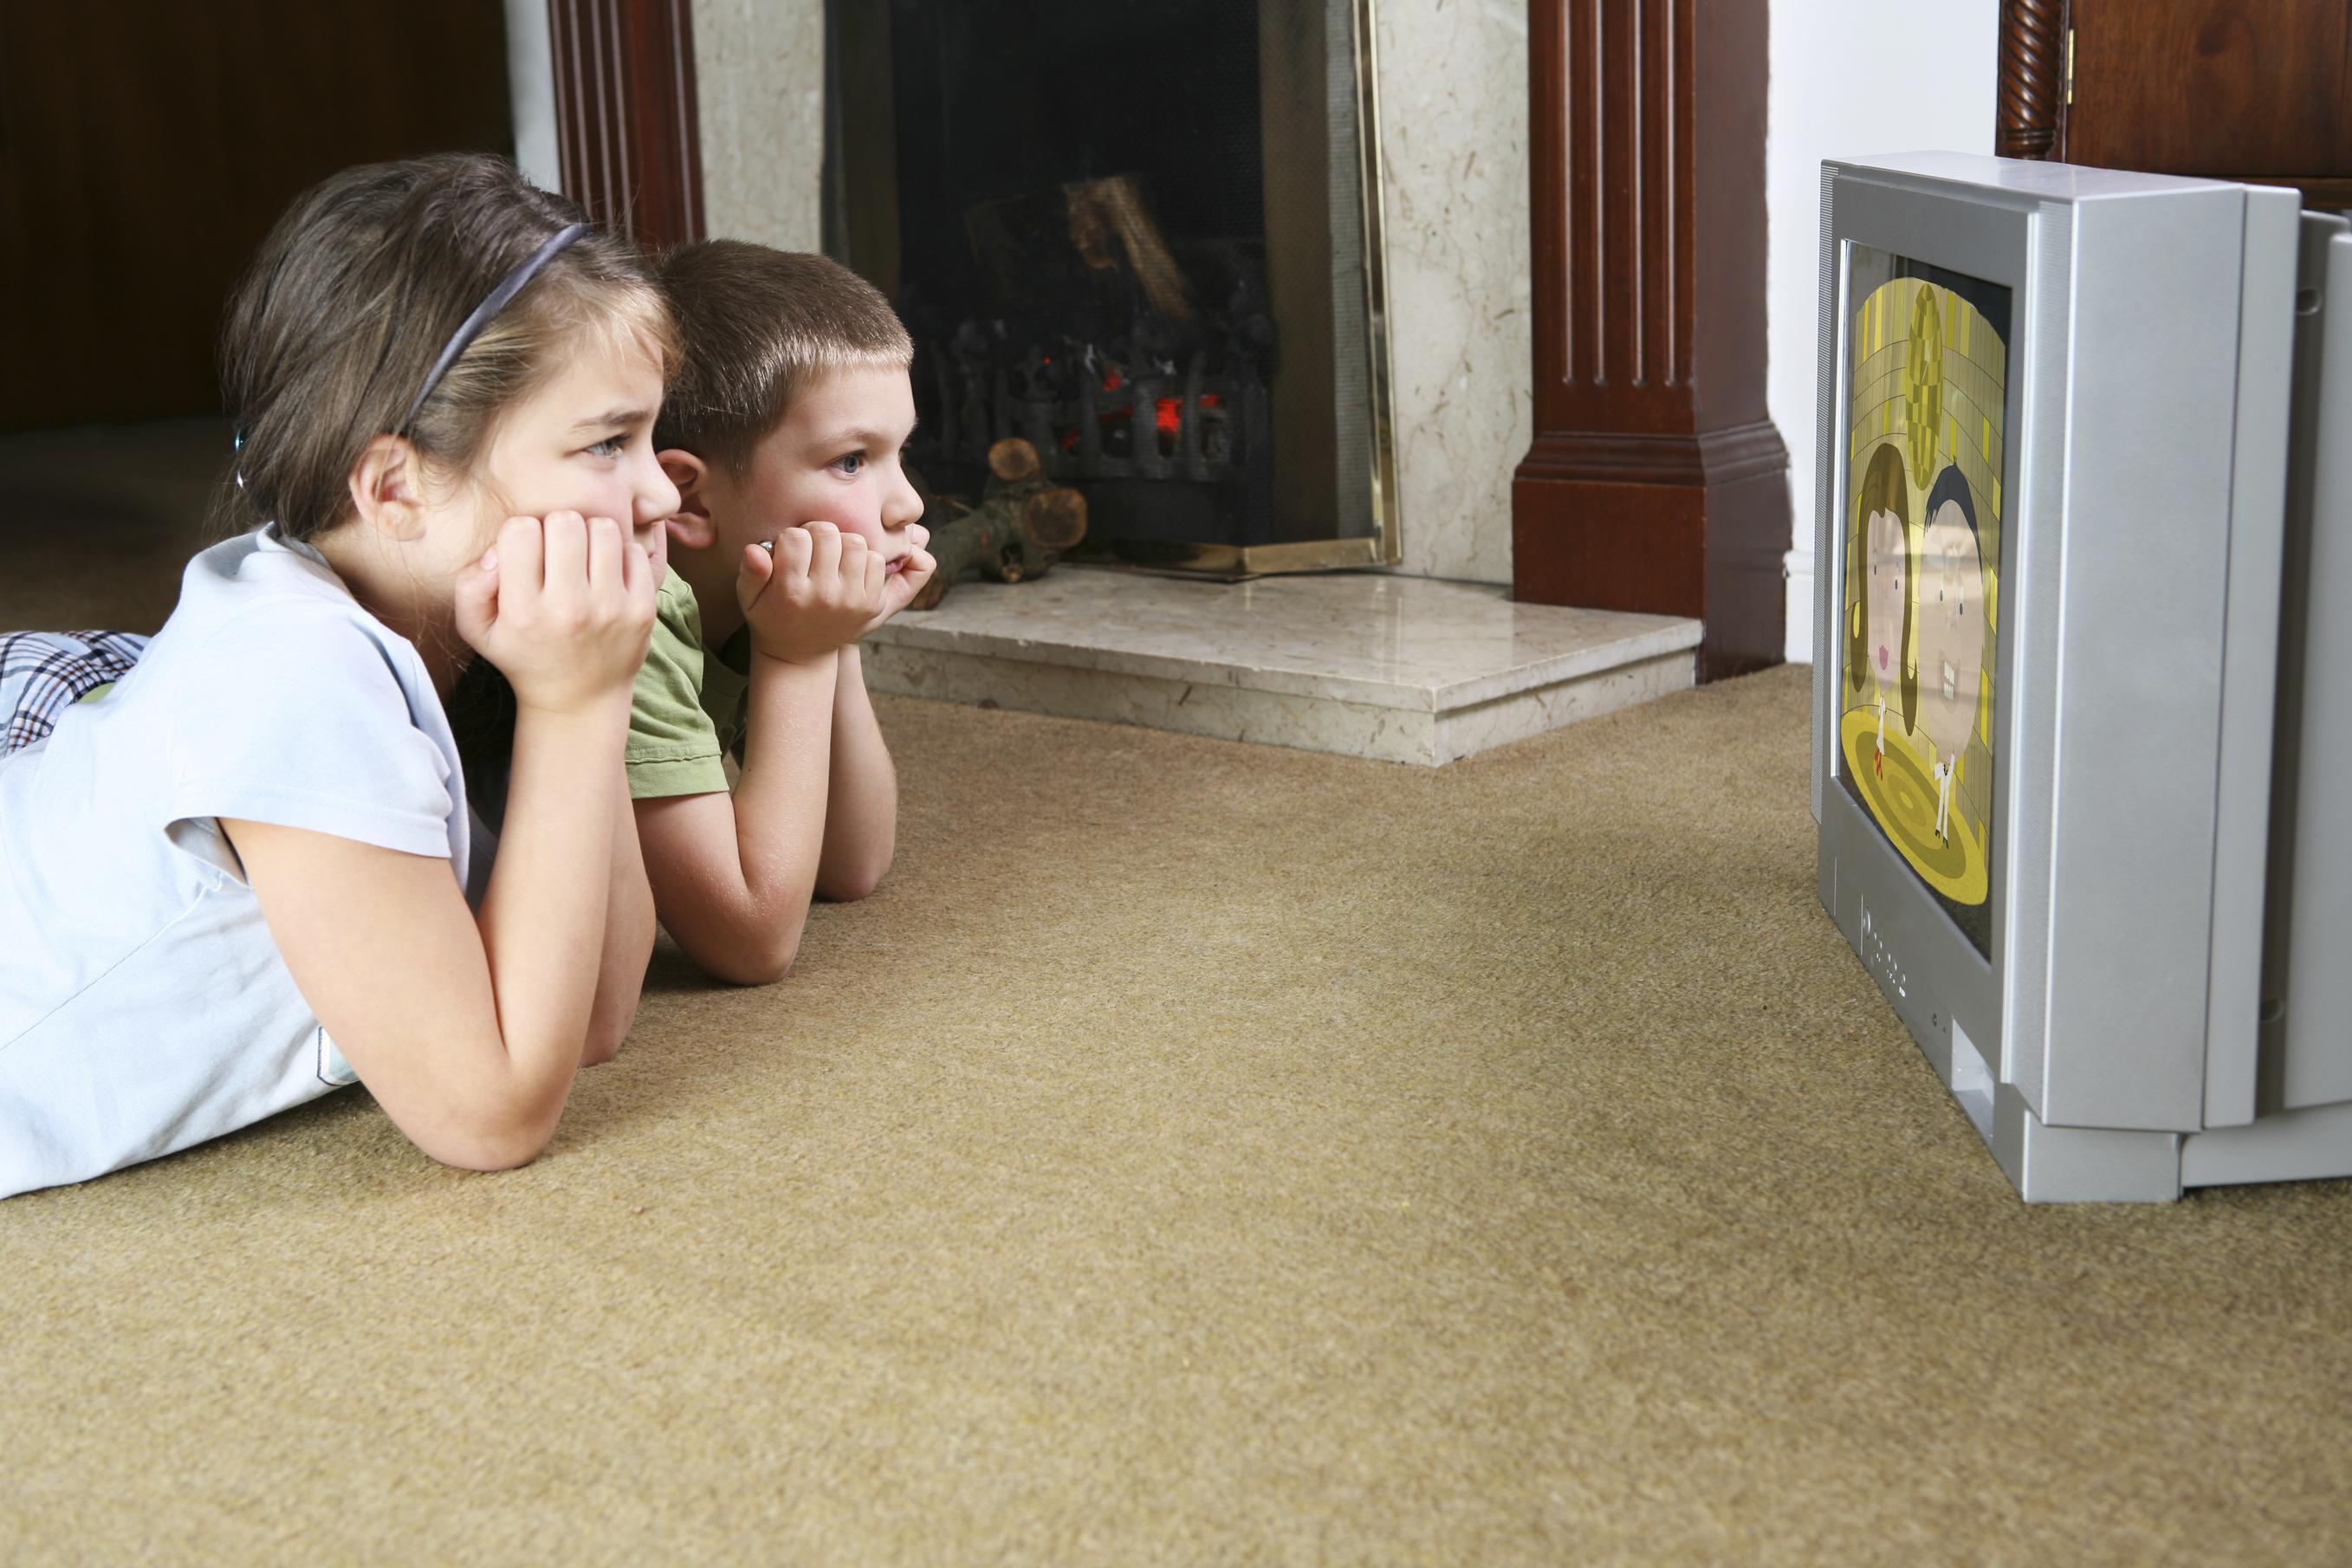 How to Get Your Indoor Kid More Active